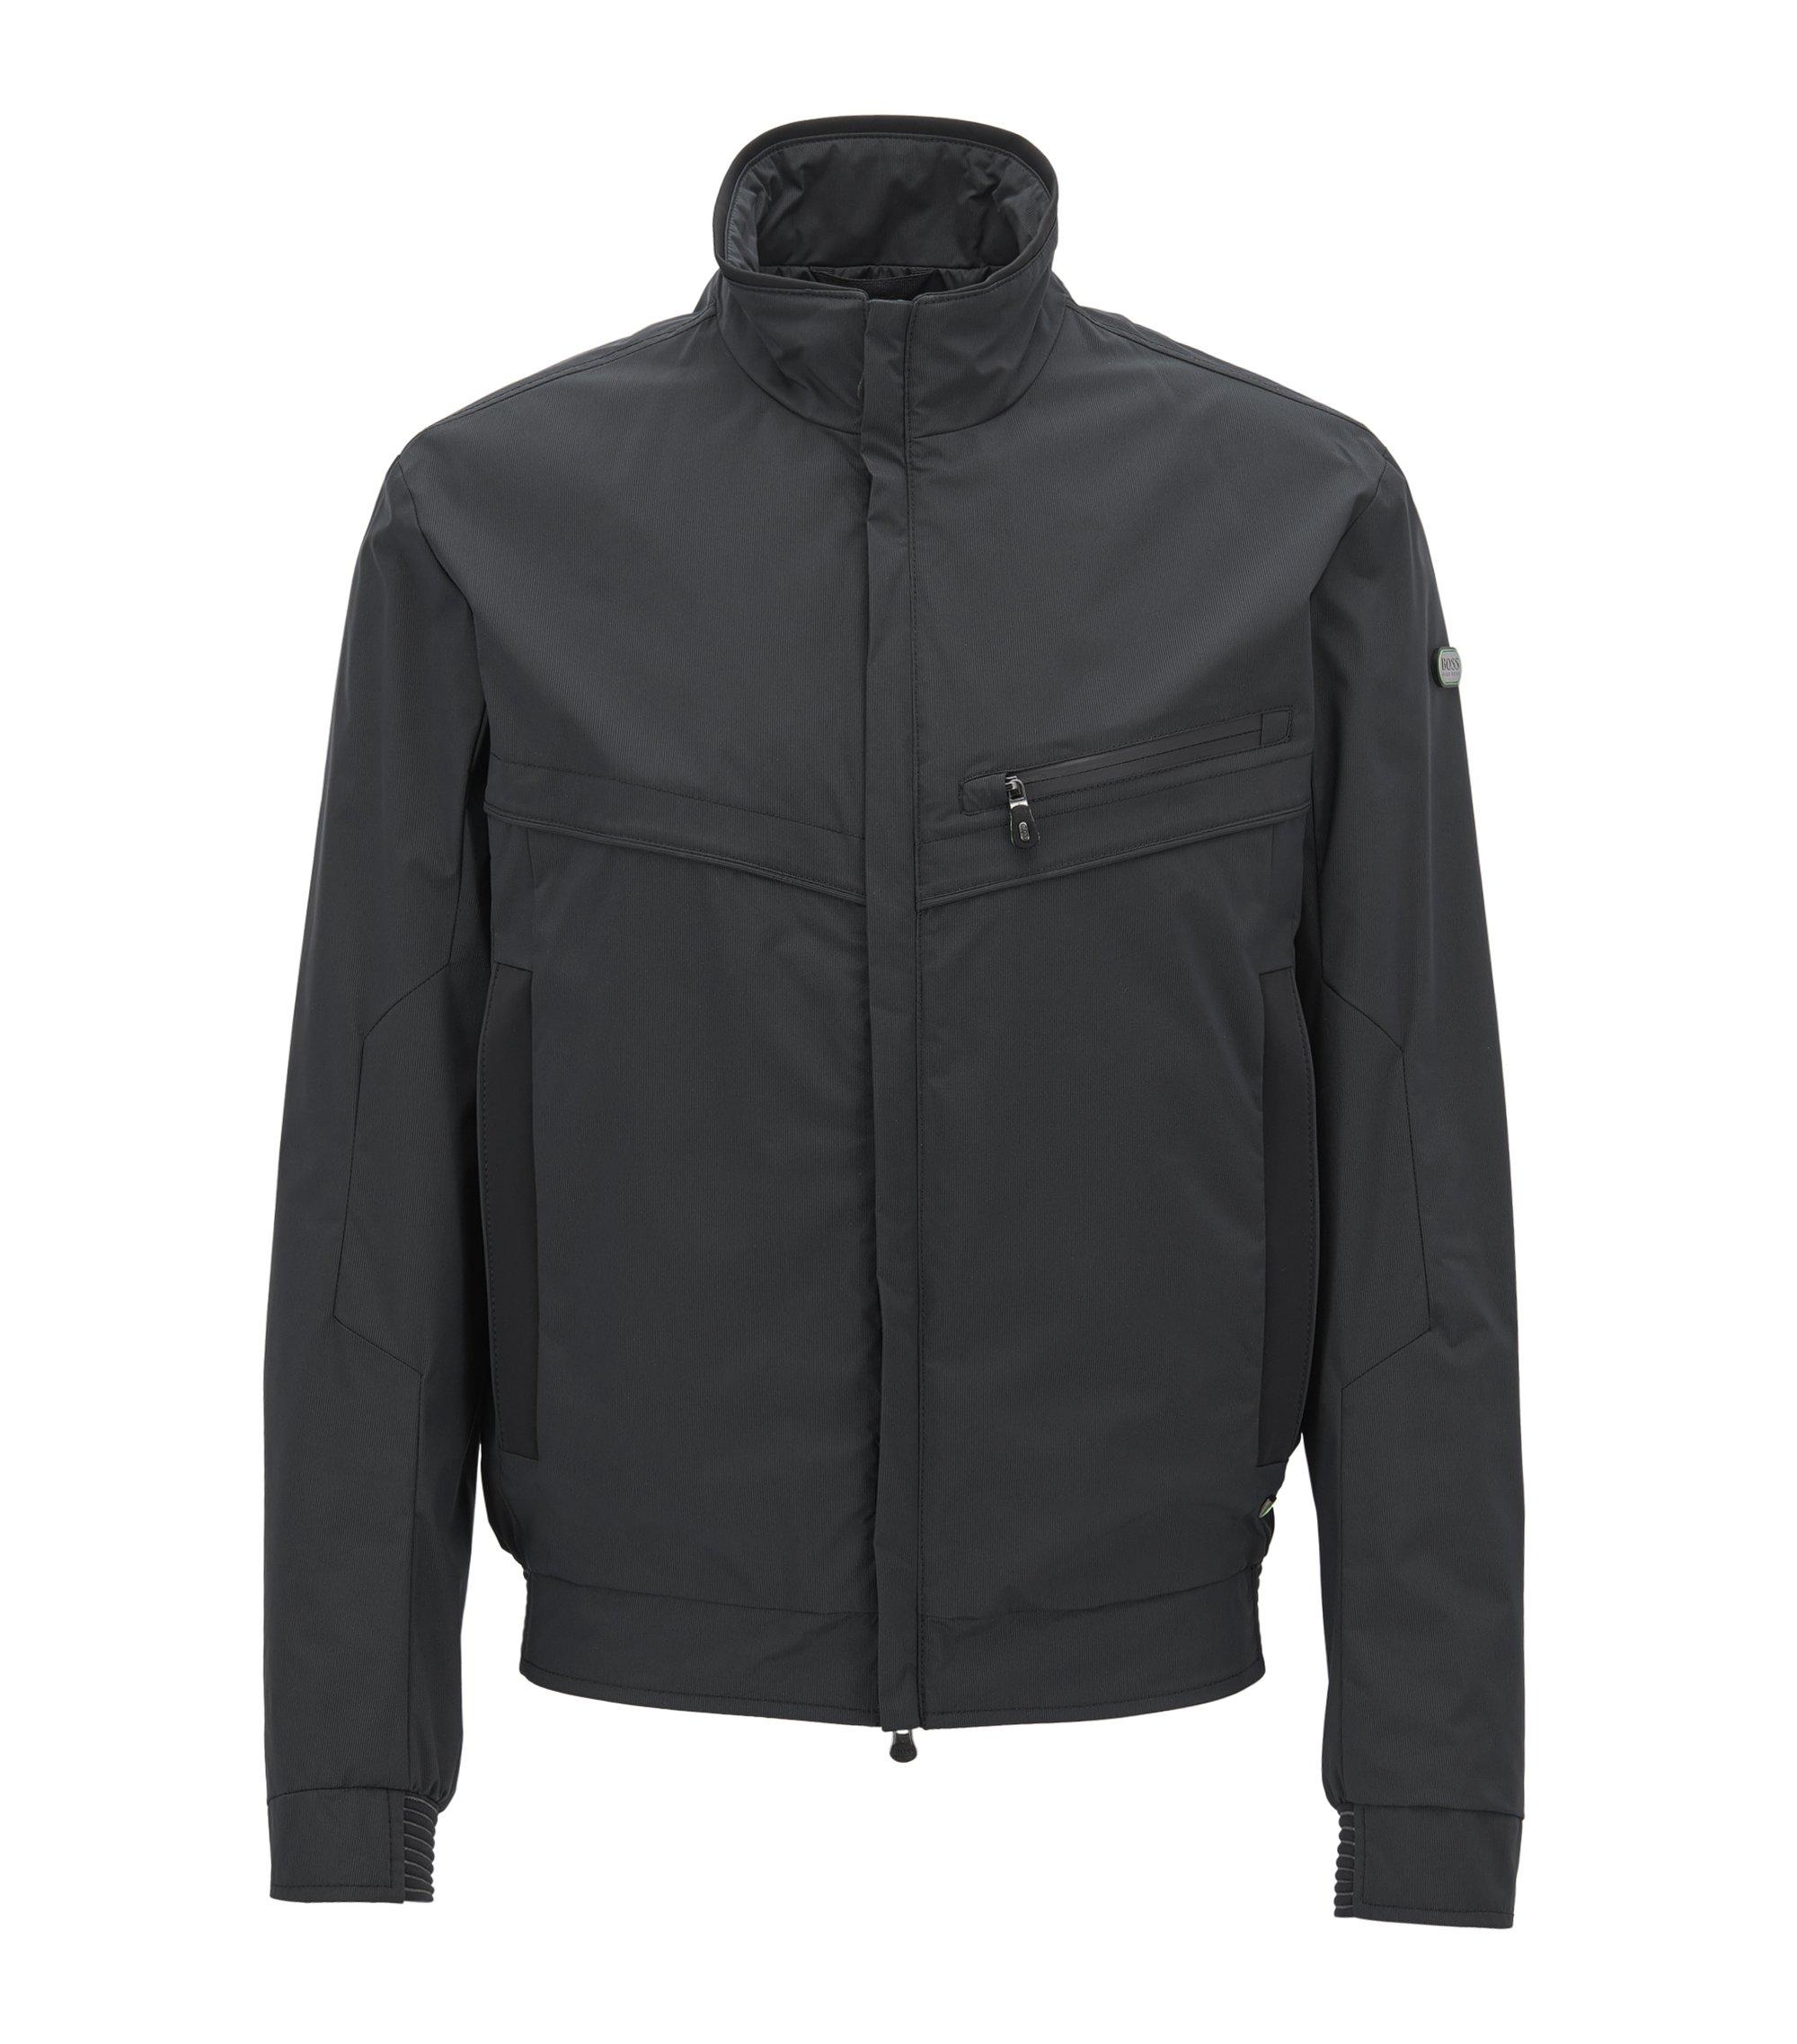 Veste zippée en tissu technique imperméable, Noir